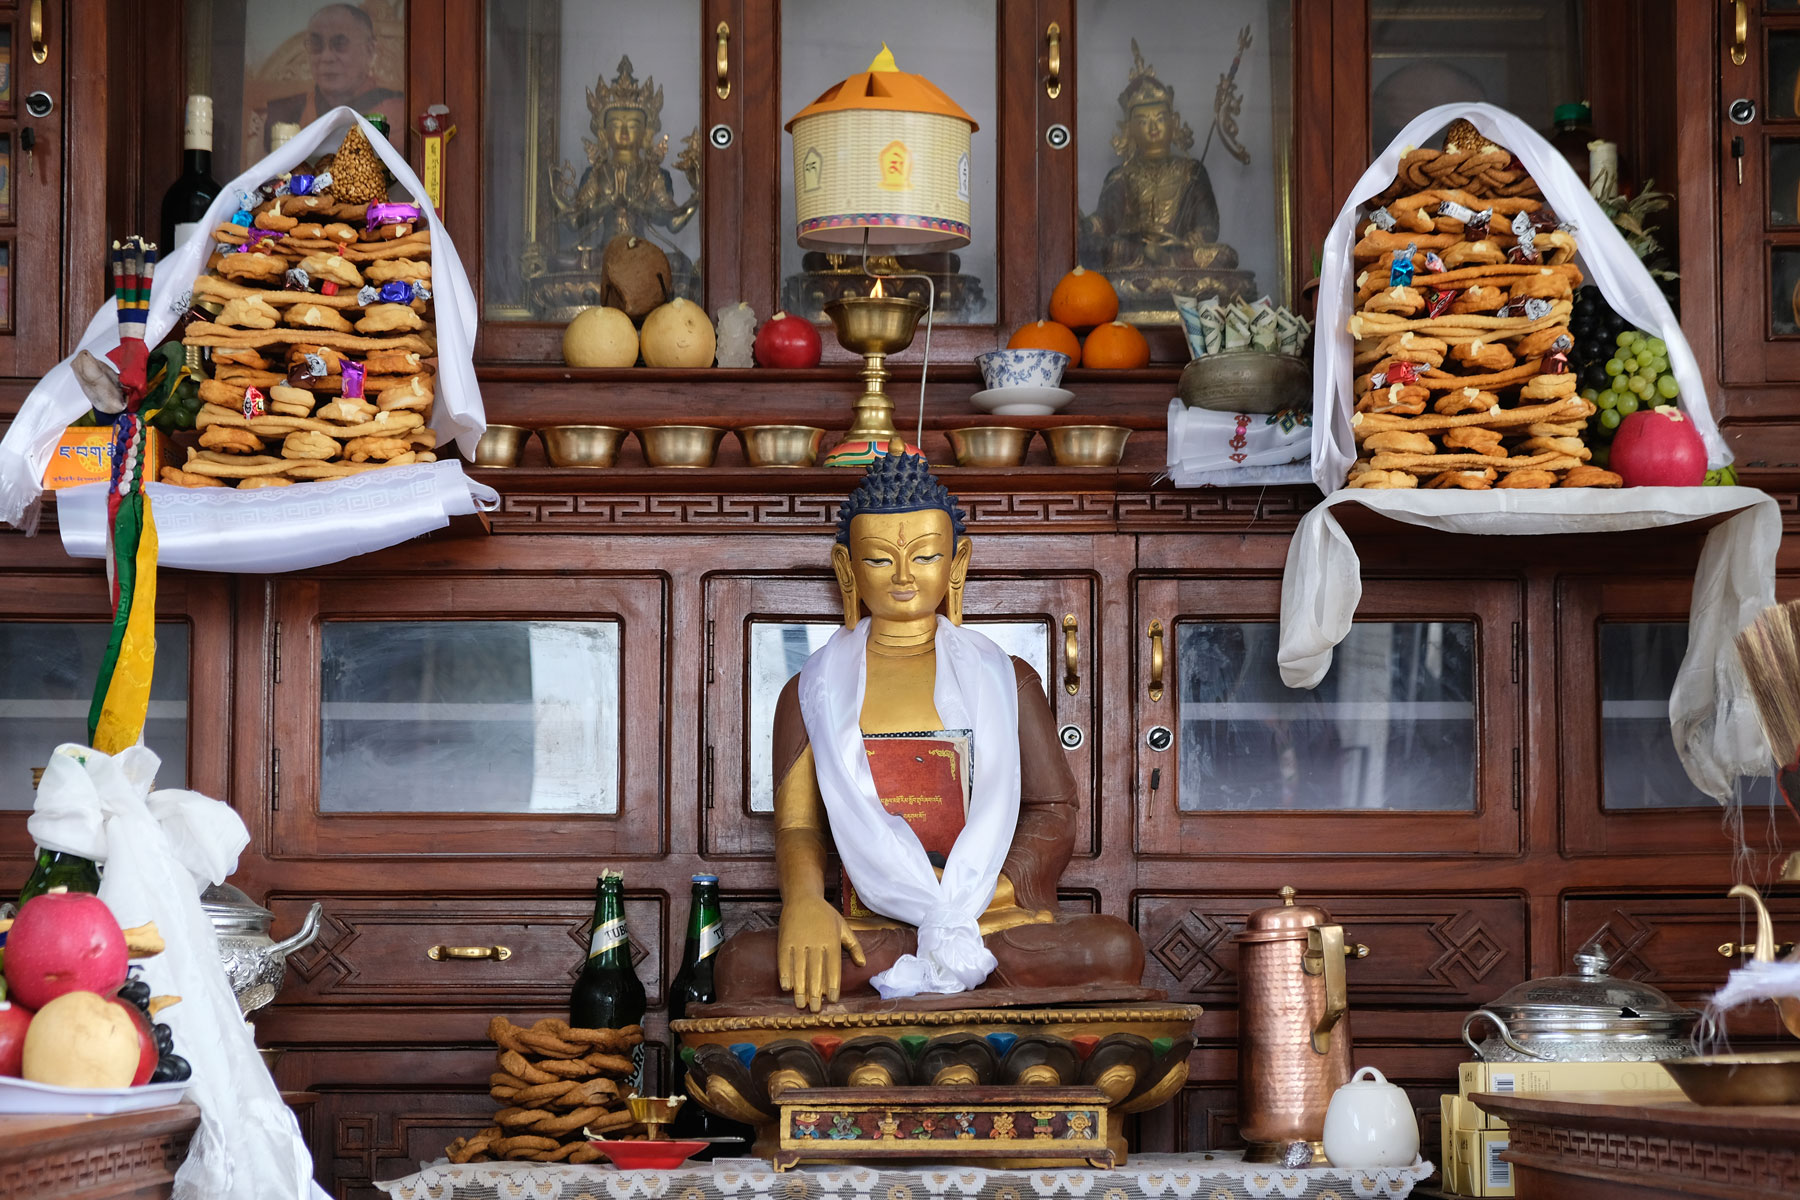 Buddhistischer Altar mit einer Buddha-Statue und Opfergaben.